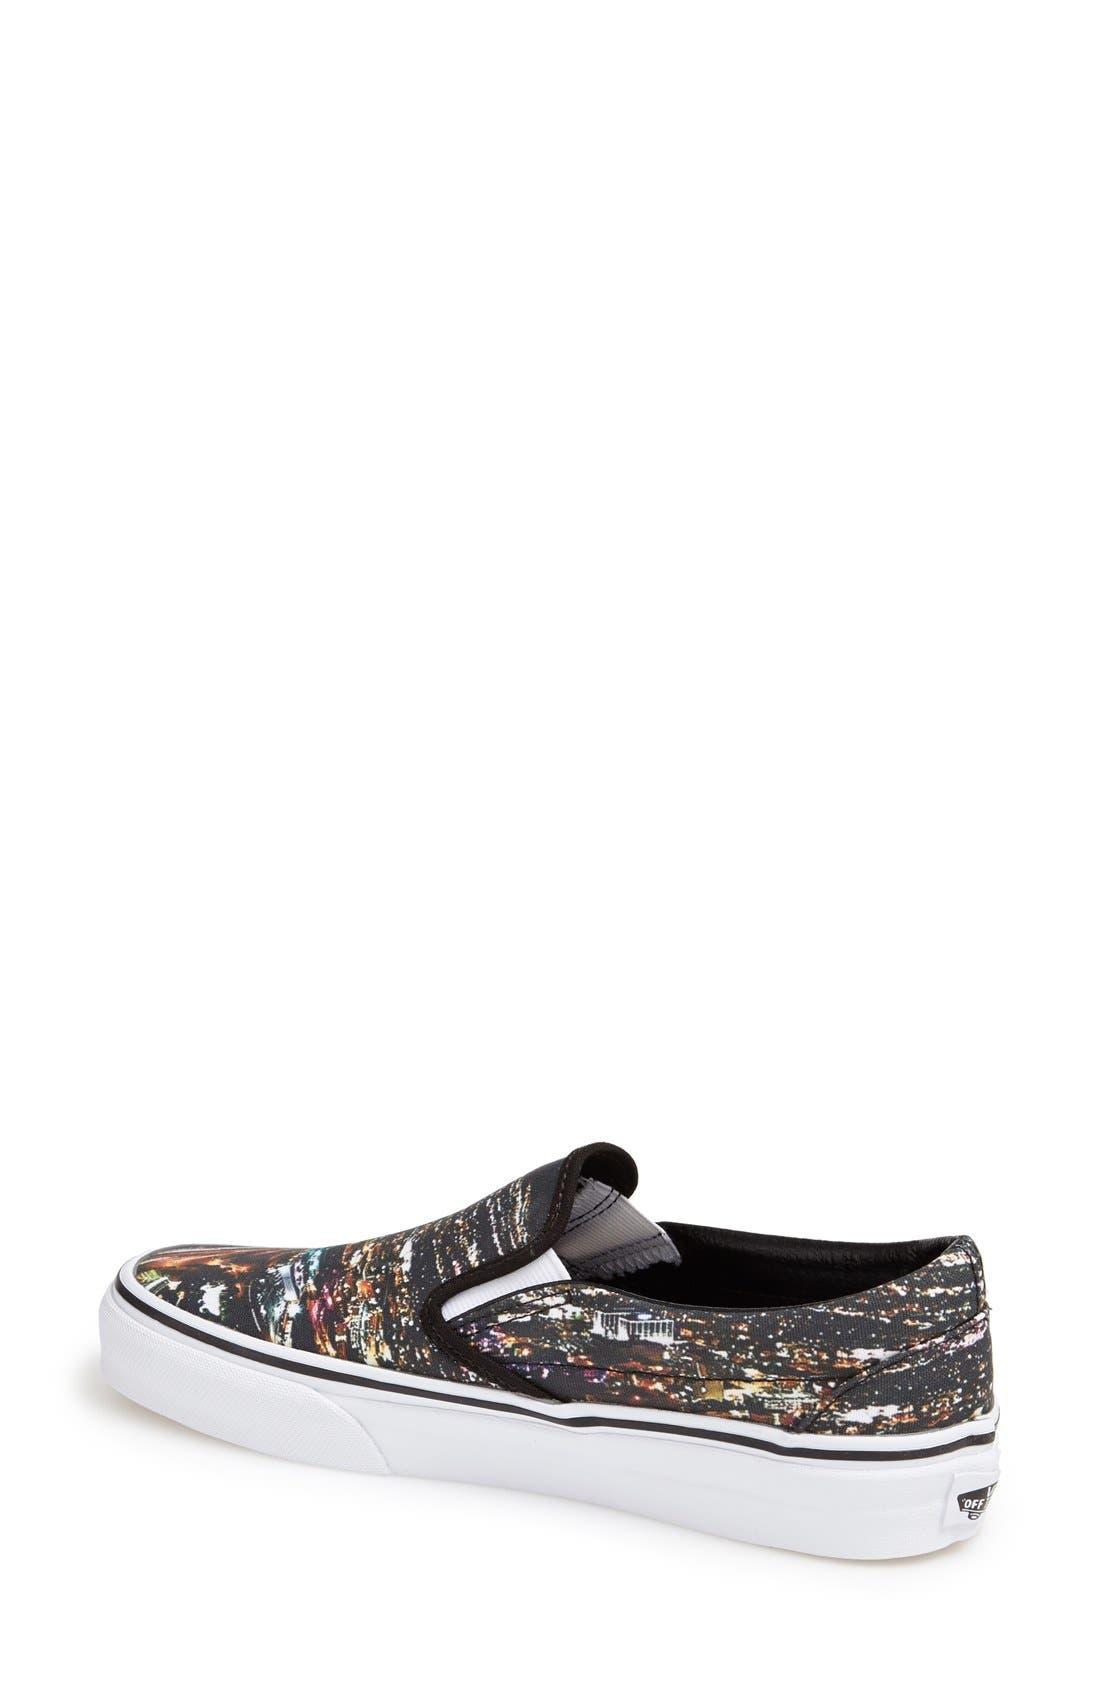 Alternate Image 2  - Vans Slip-On Sneaker (Women)